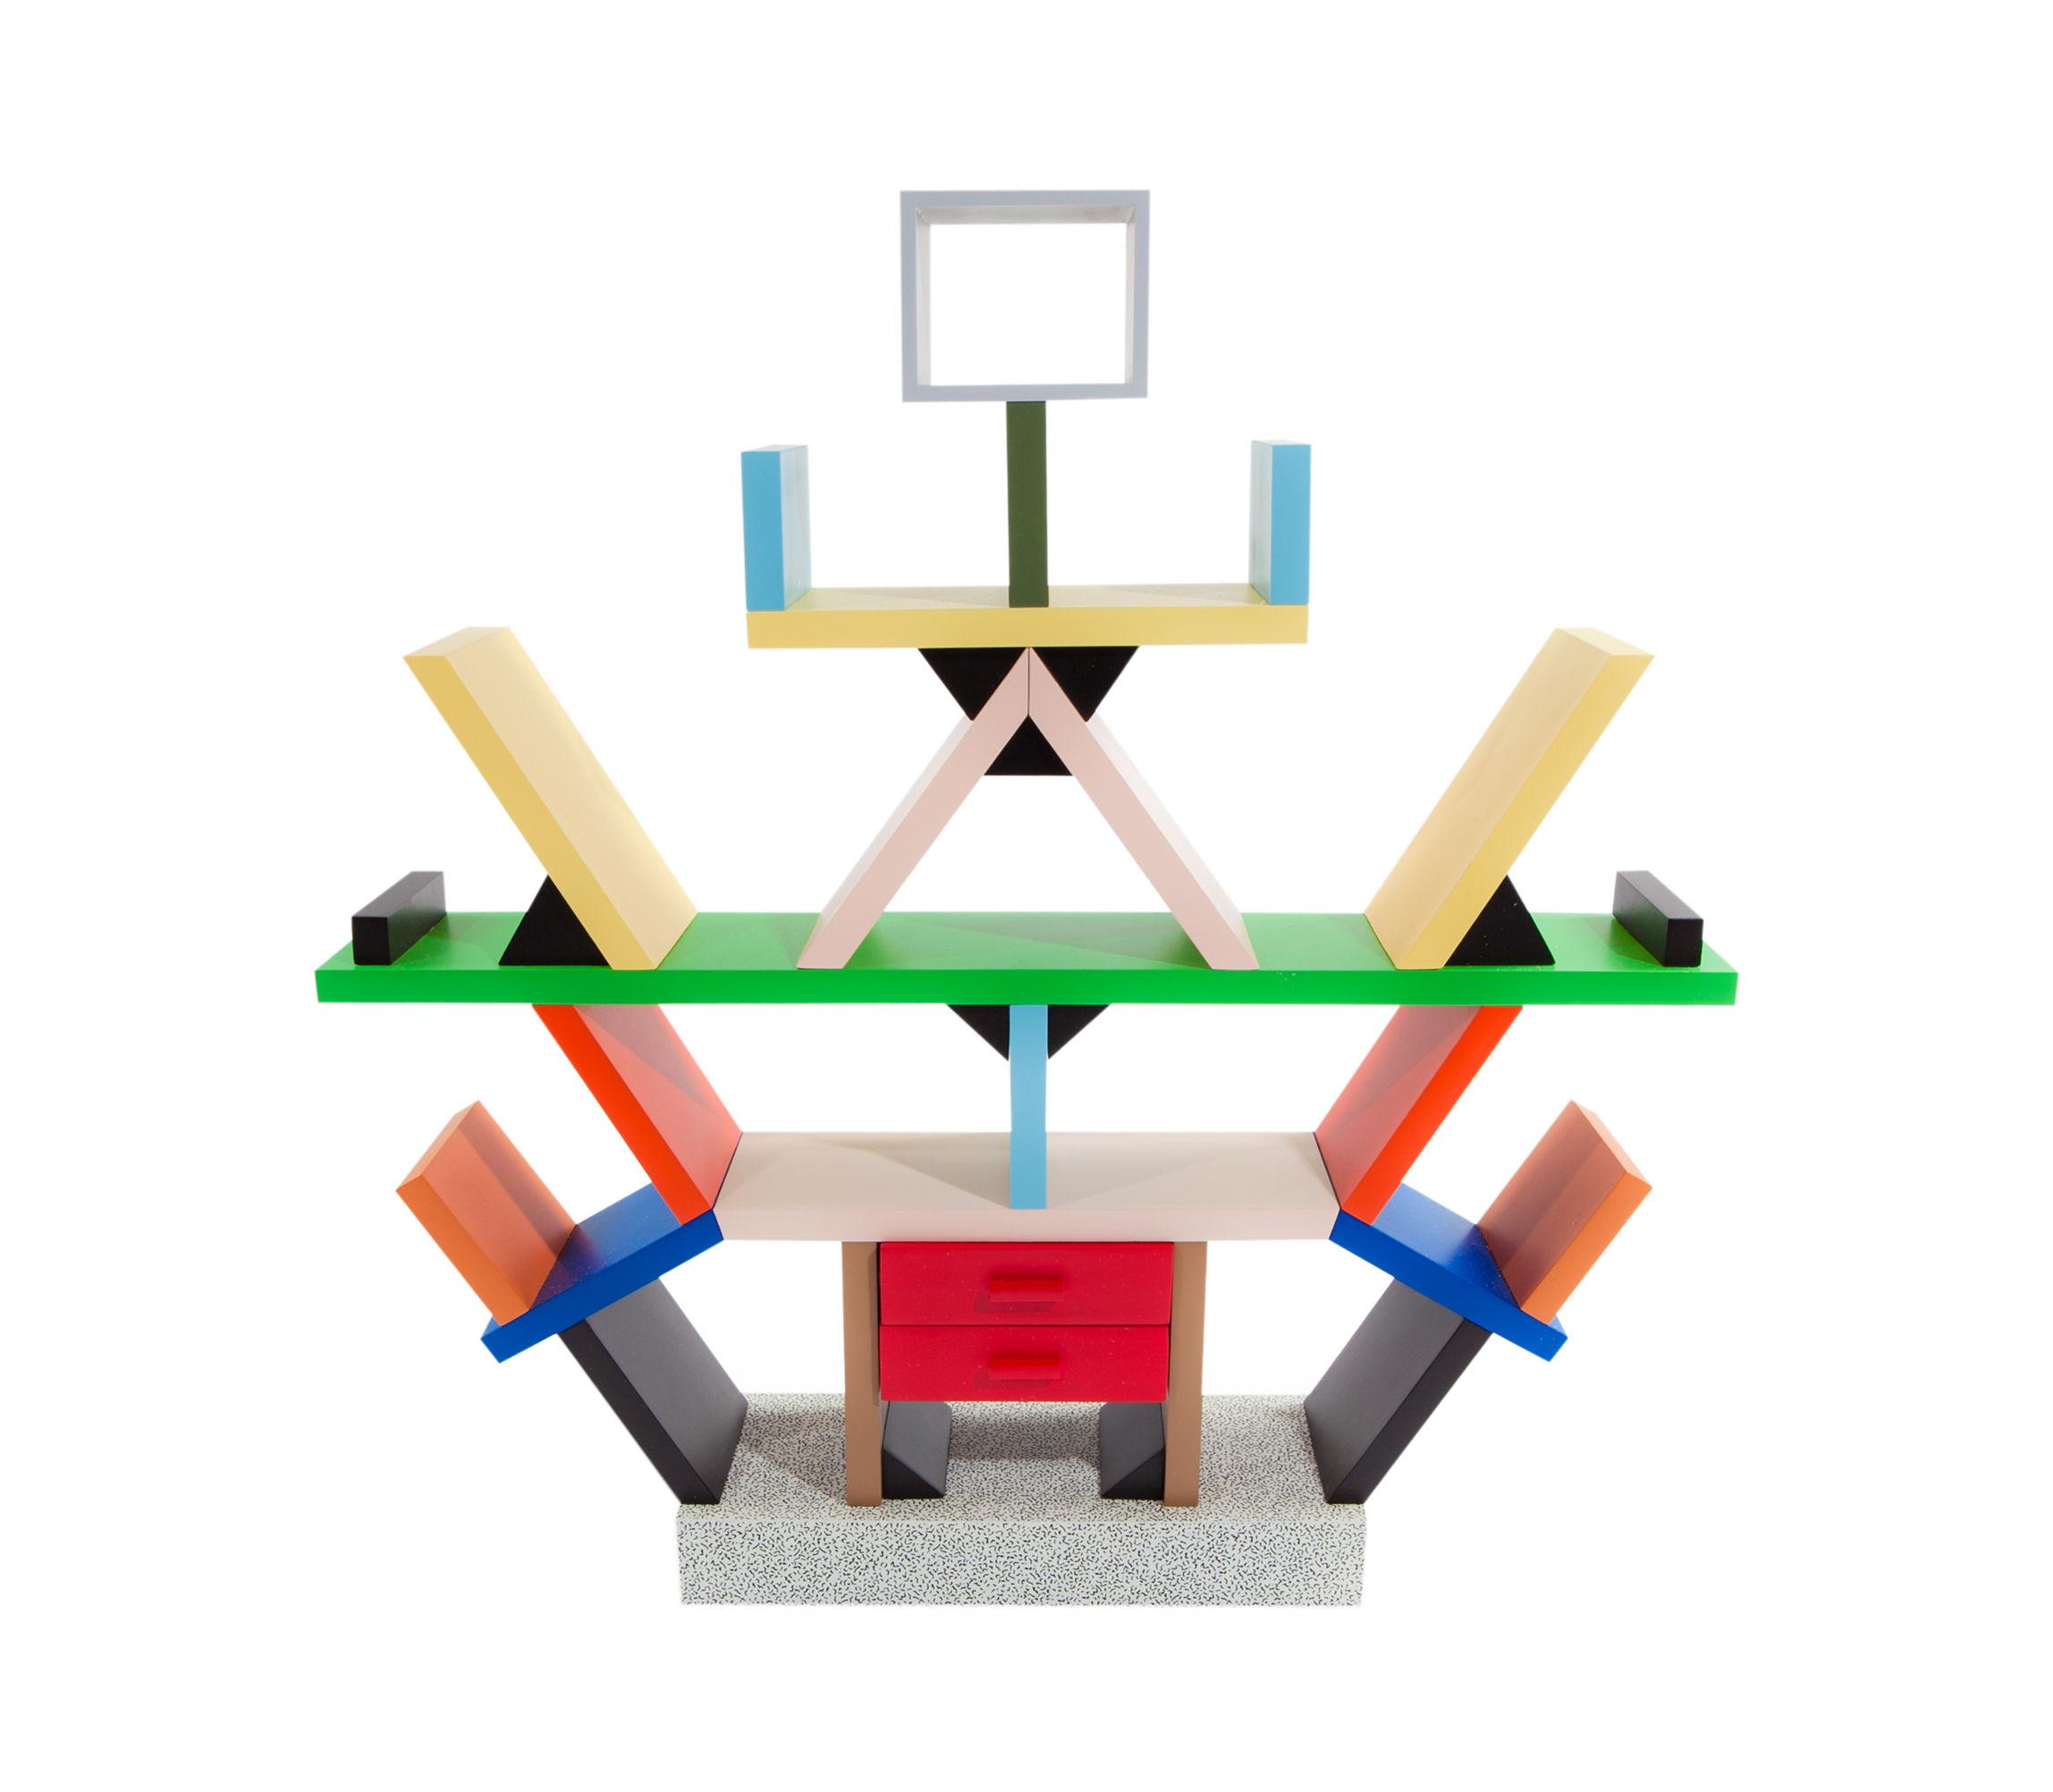 Déco - Objets déco et cadres-photos - Miniature Carlton by Ettore Sottsass / 1981 - Echelle 1:4 - Memphis Milano - Multicolore - Bois, Laminé plastique